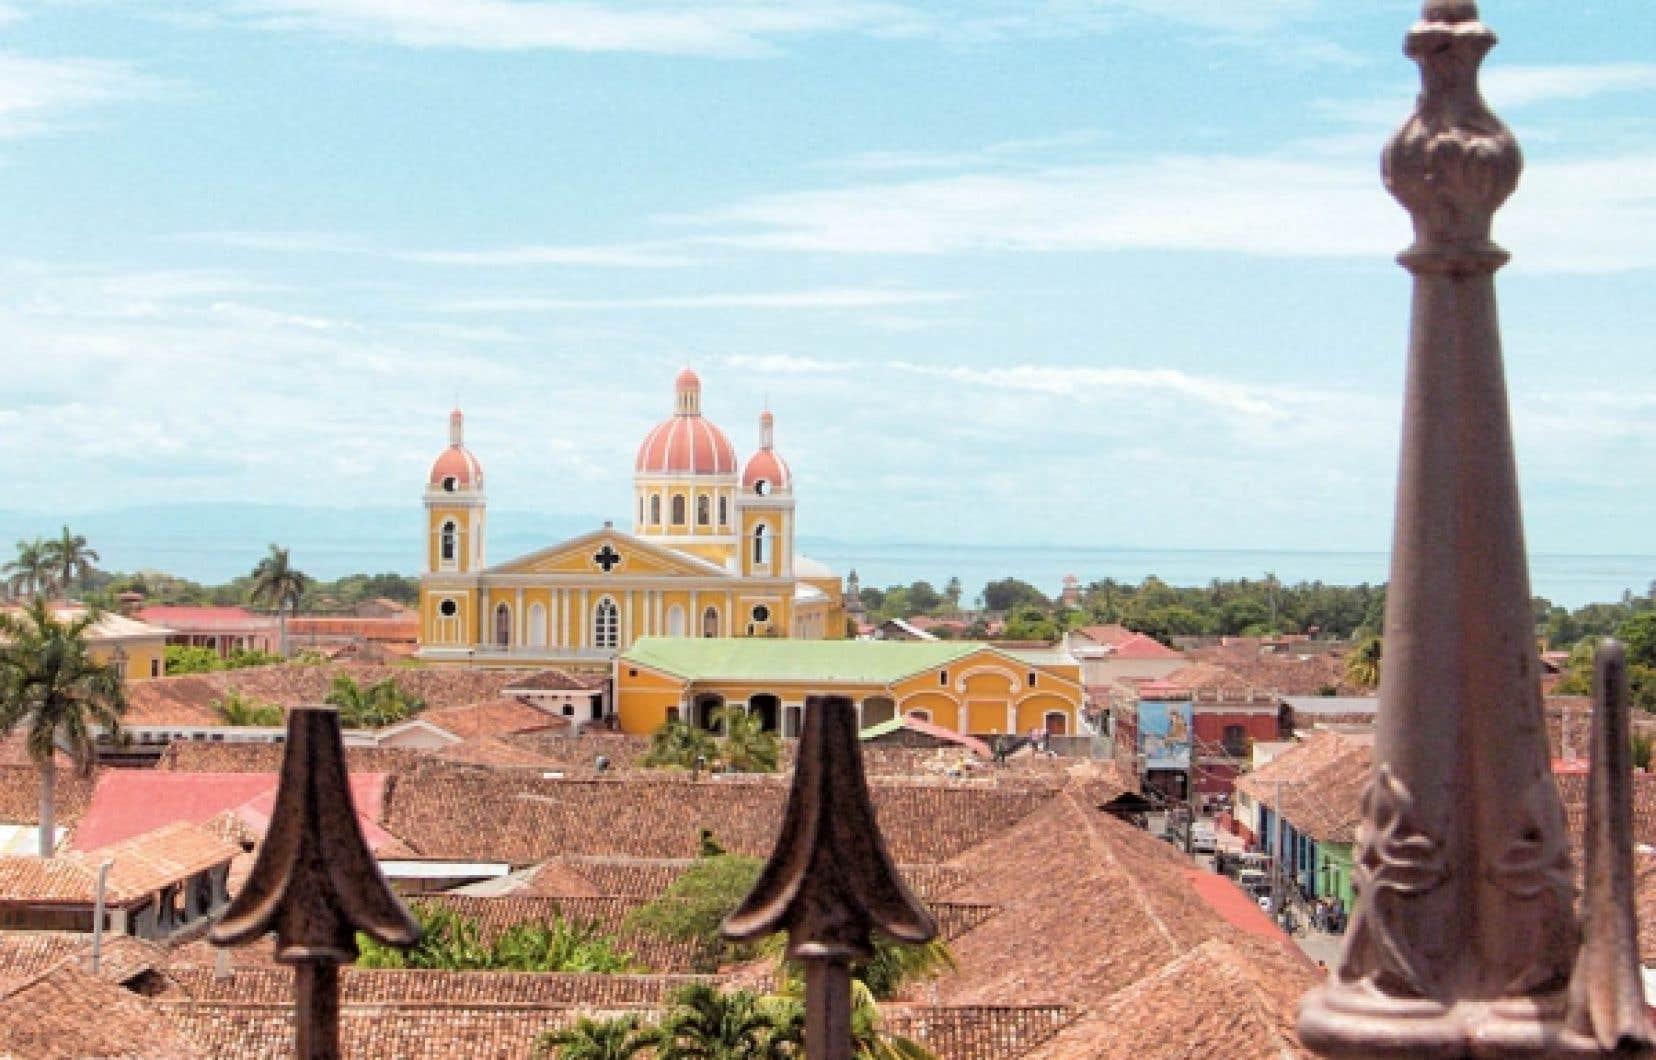 Granada est le joyau du Nicaragua, le pays le plus pauvre de la zone Amérique centrale-Caraïbes, après Haïti. En 2009, le PNB par habitant était de 1,010 $US. Au Mexique? 8,960 $US (estimations UNICEF).<br />